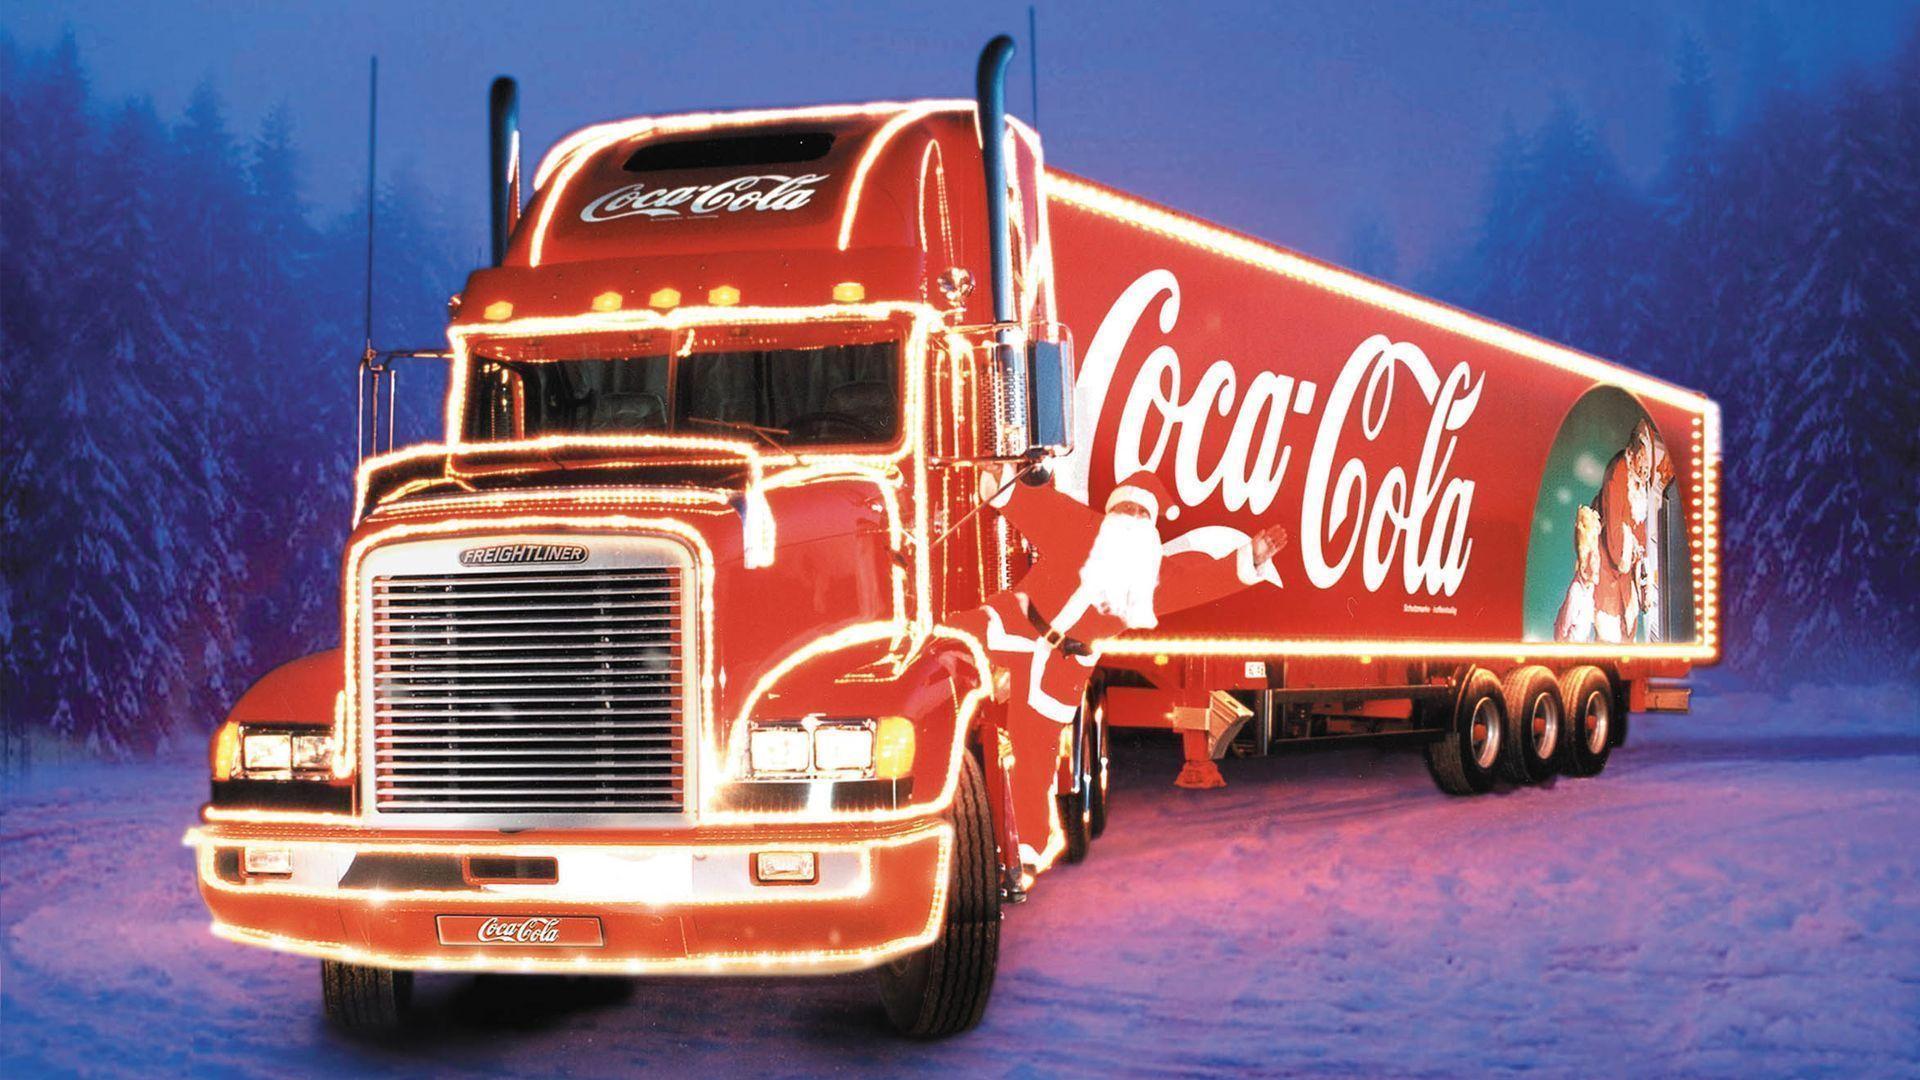 Запорожье посетил легендарный караван Coca-Cola - ВИДЕО